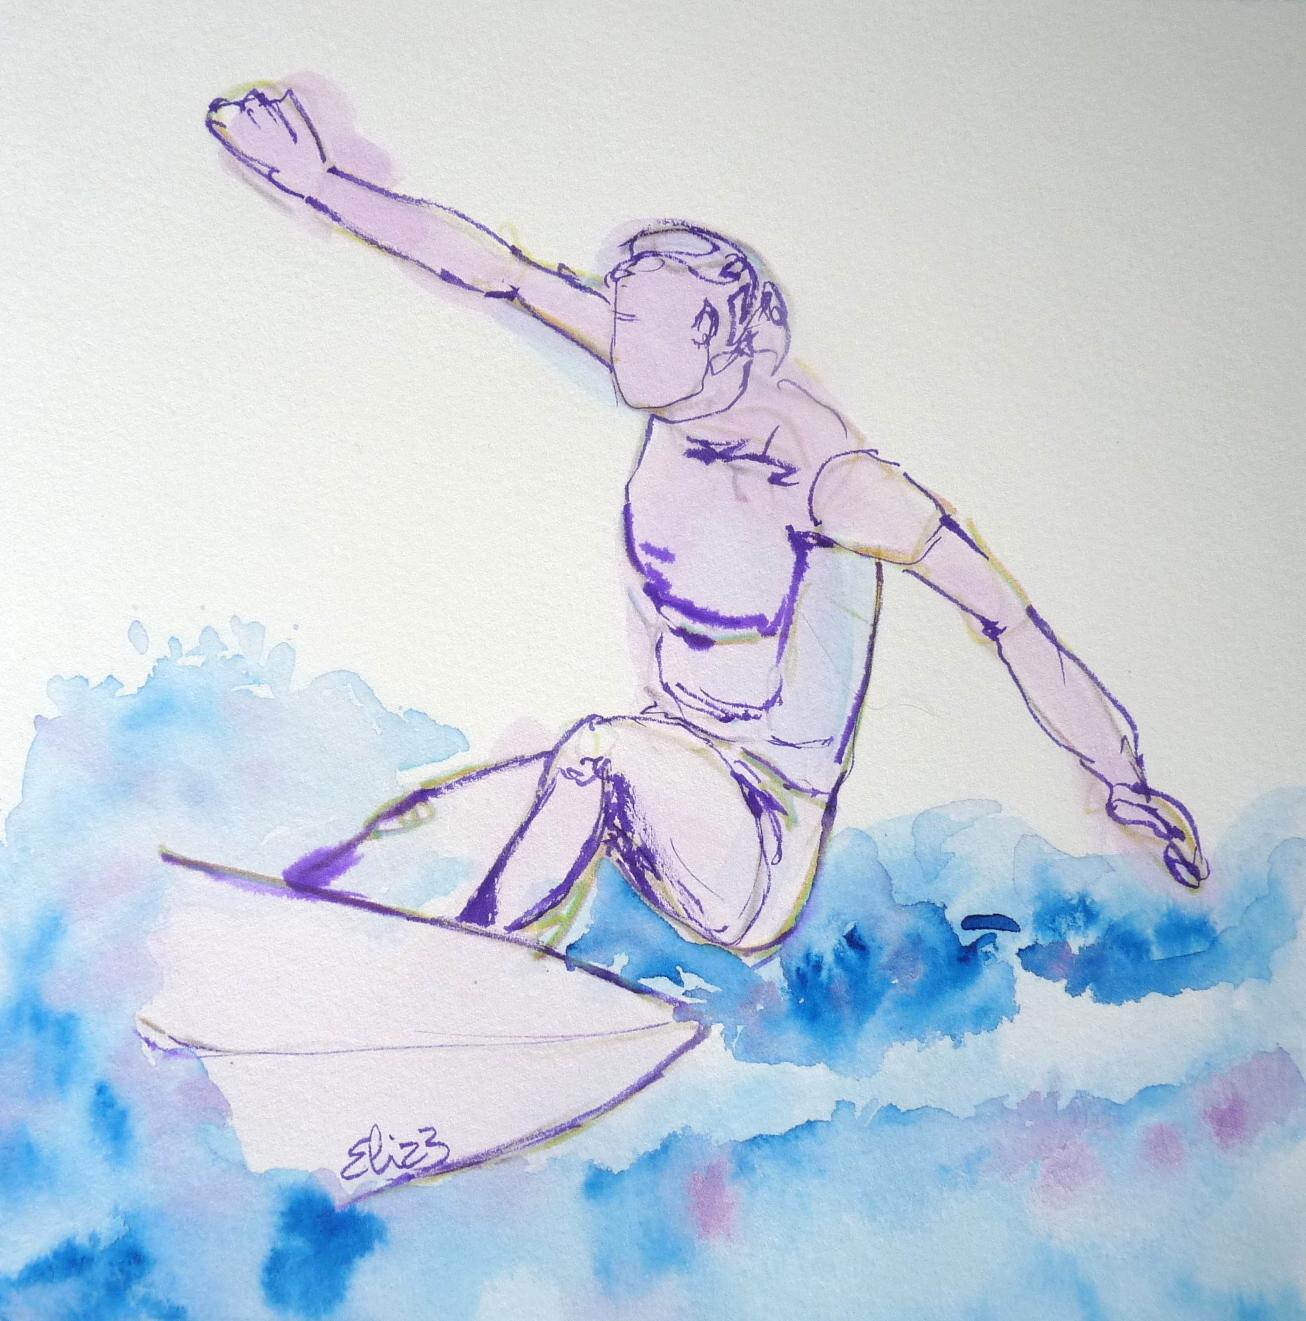 femme sportive vague surf croquis violet et bleu sportive femme